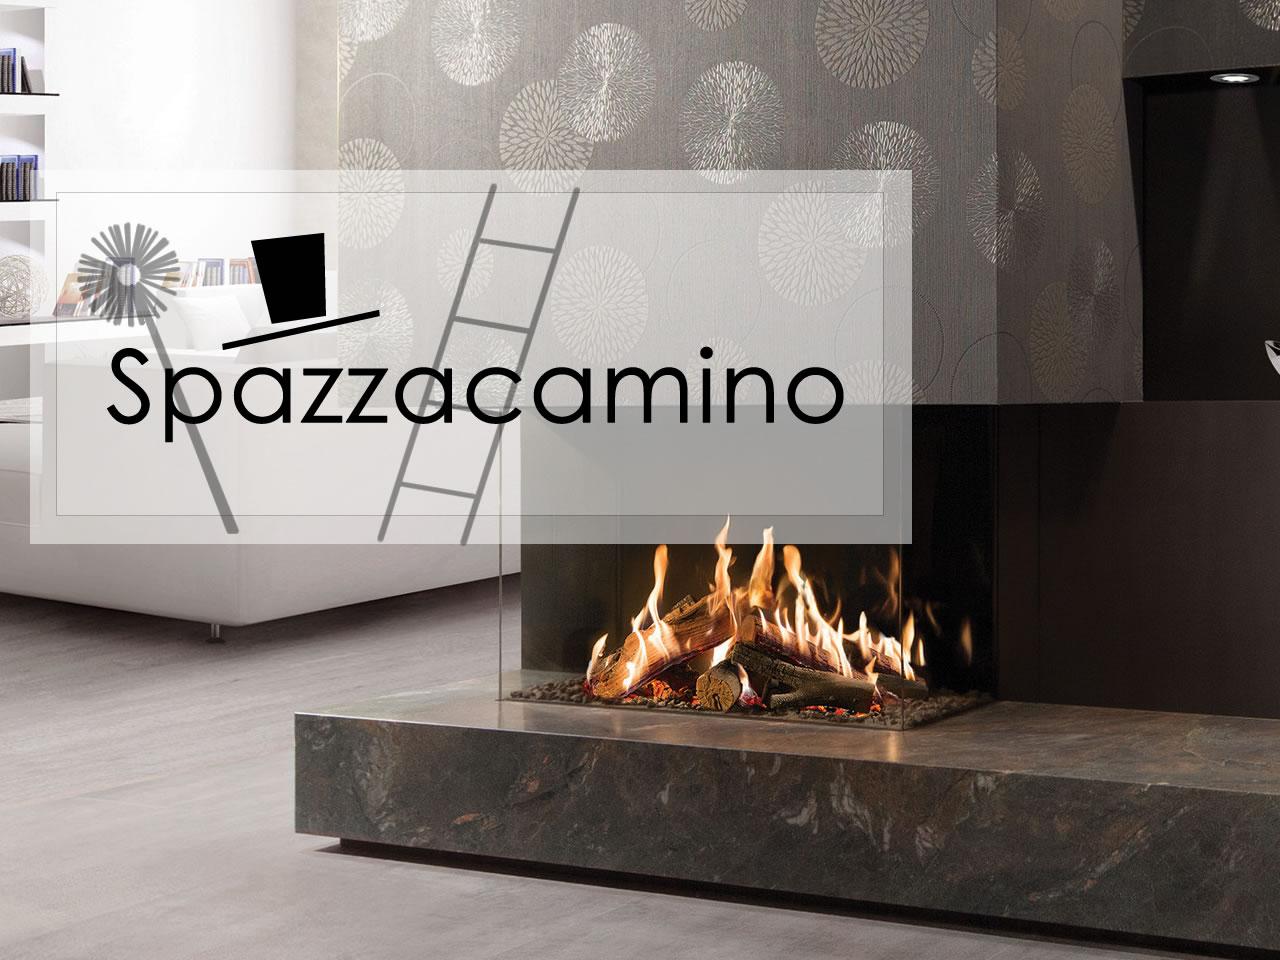 Conca Fallata Milano - Spazzacamino Canna Fumaria a Conca Fallata Milano